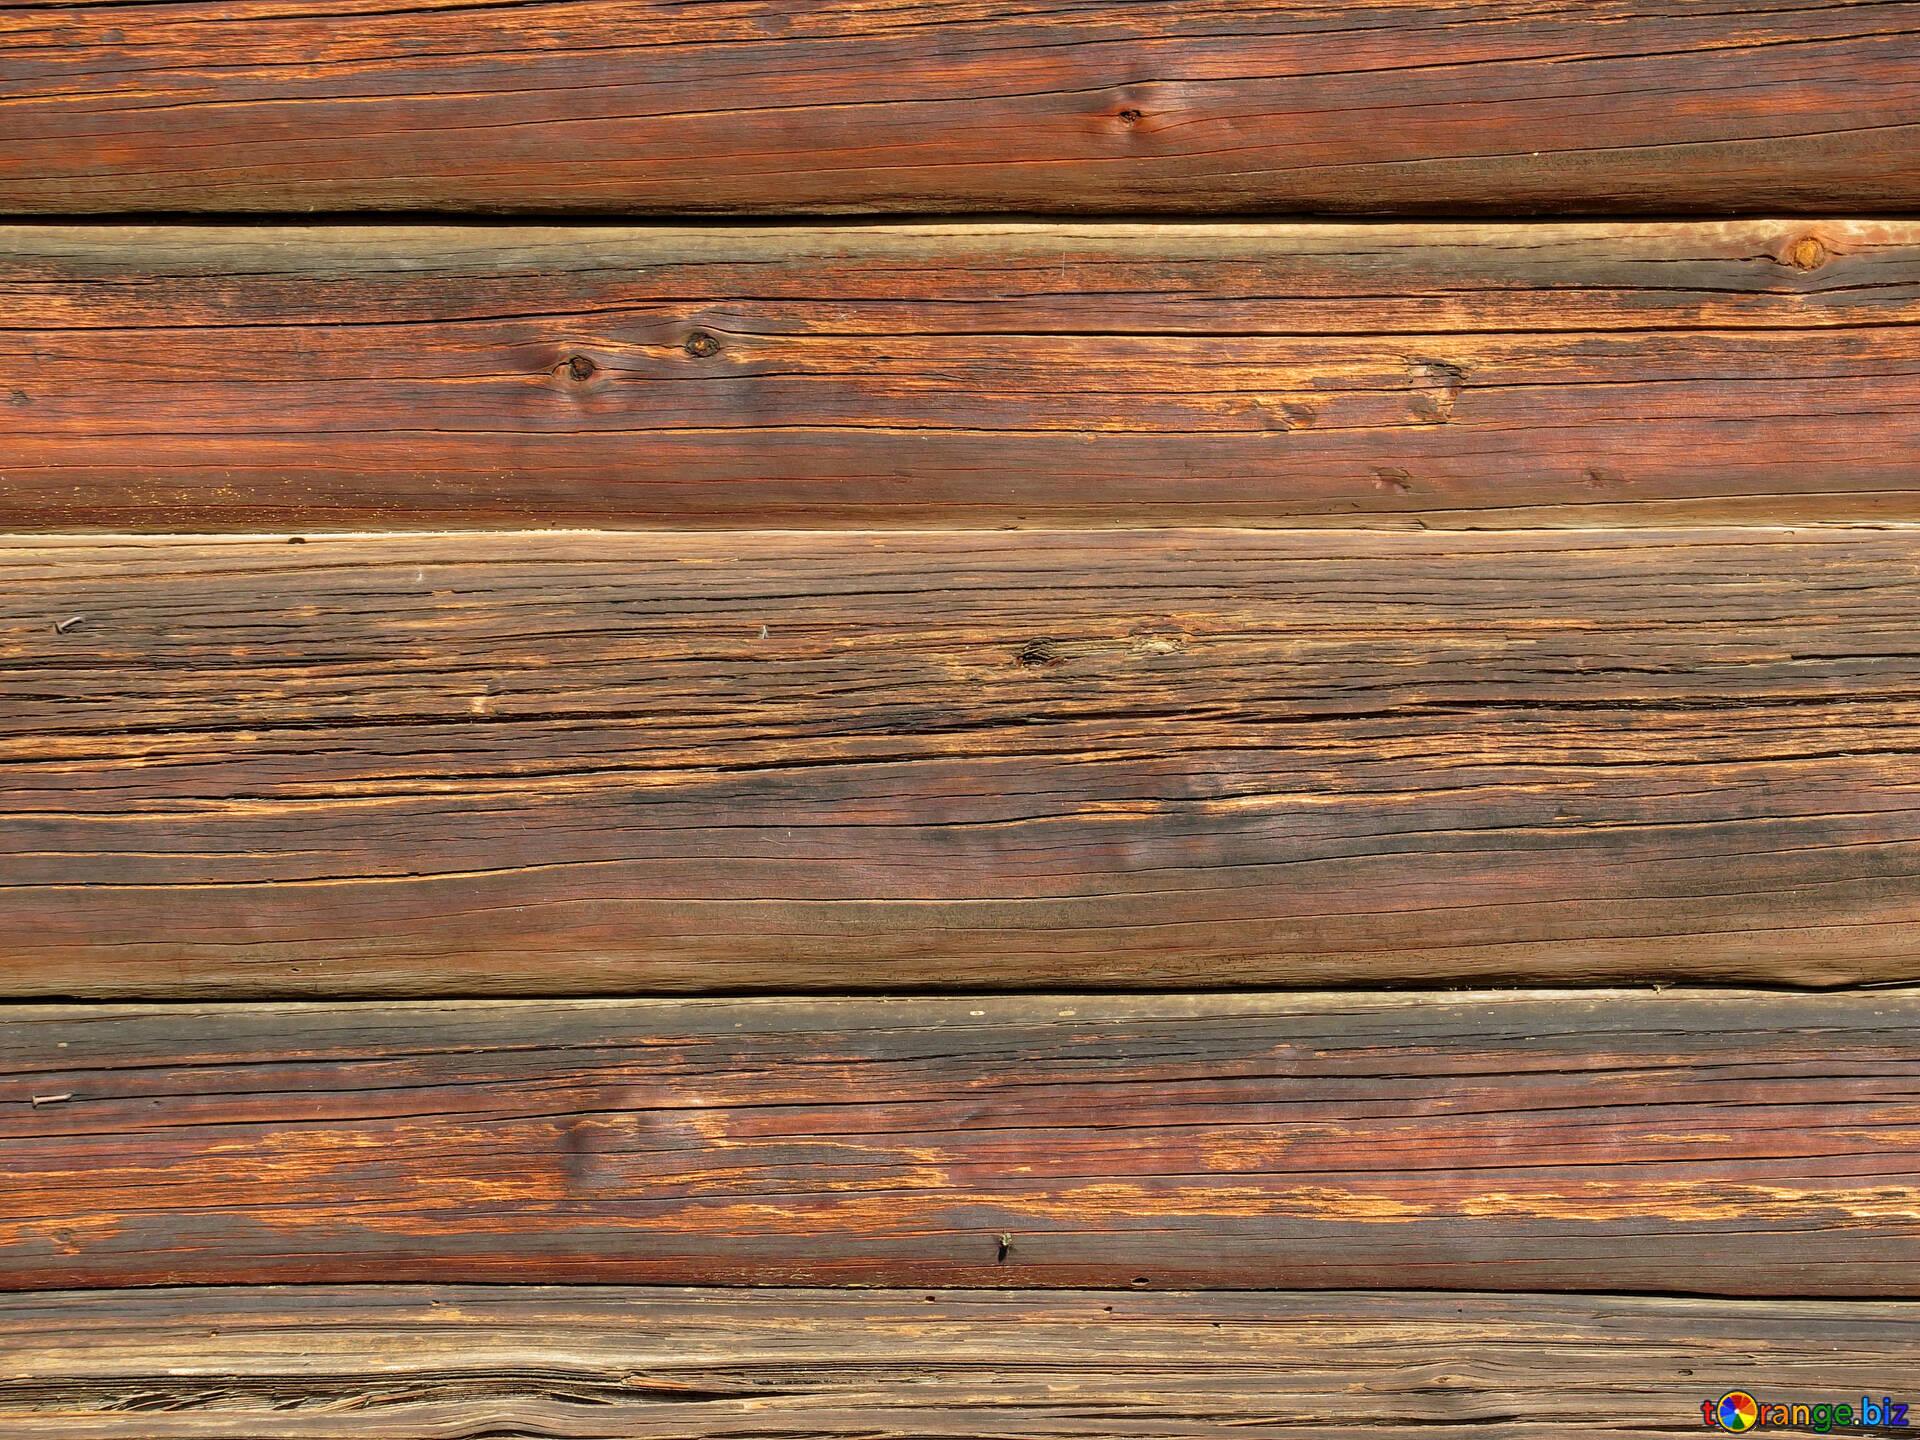 Lackbeschaffenheit Textur Spuren Malen Von Alten Auf Holz ökologie